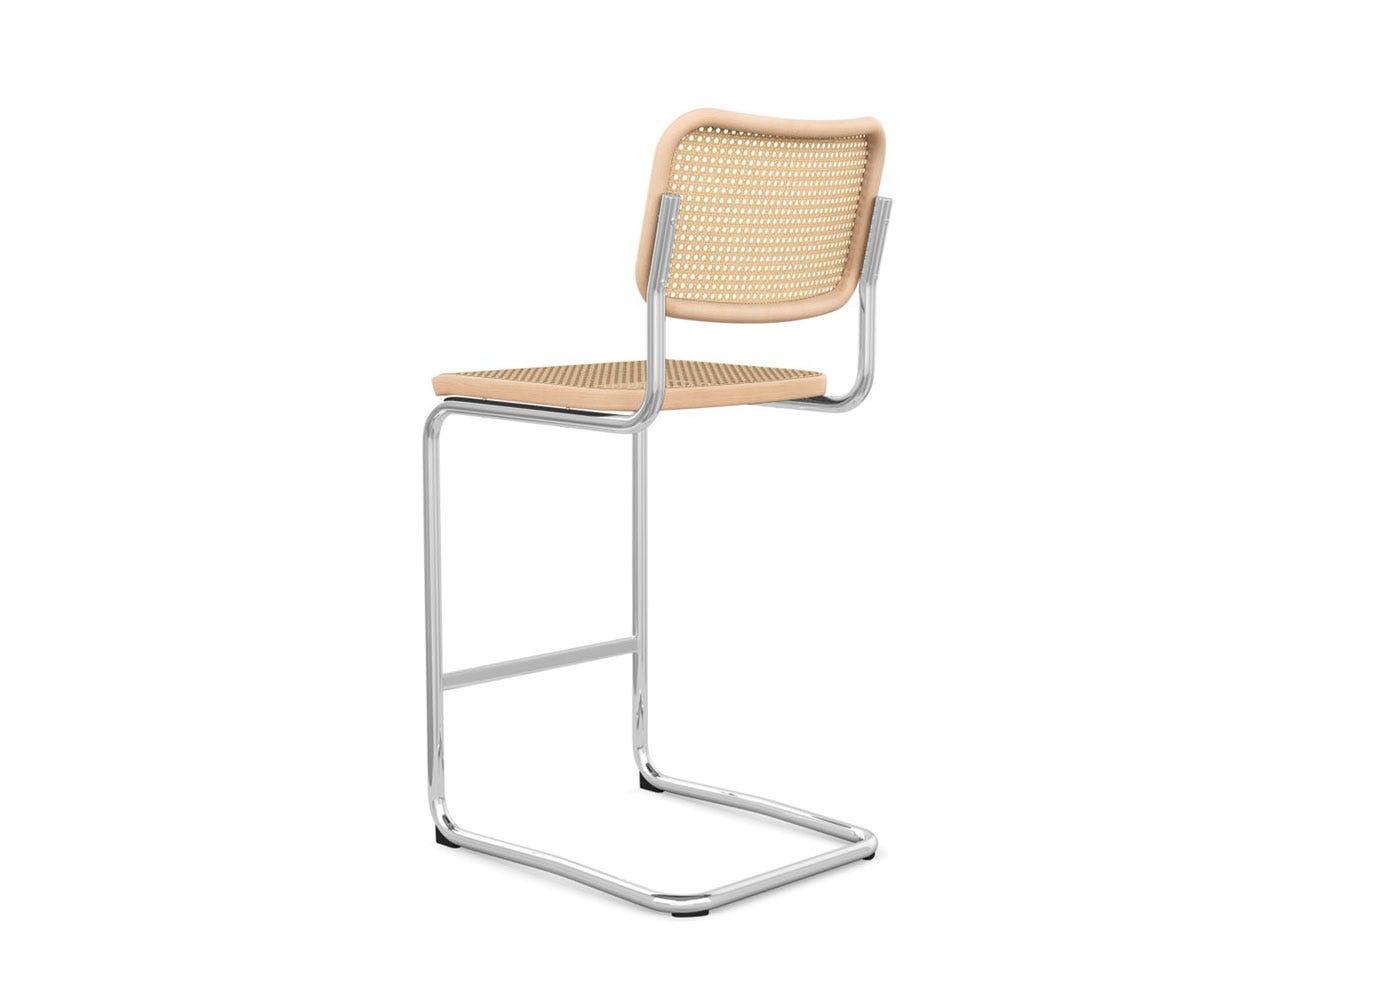 As shown: Cesca counter stool beech - Rear profile.